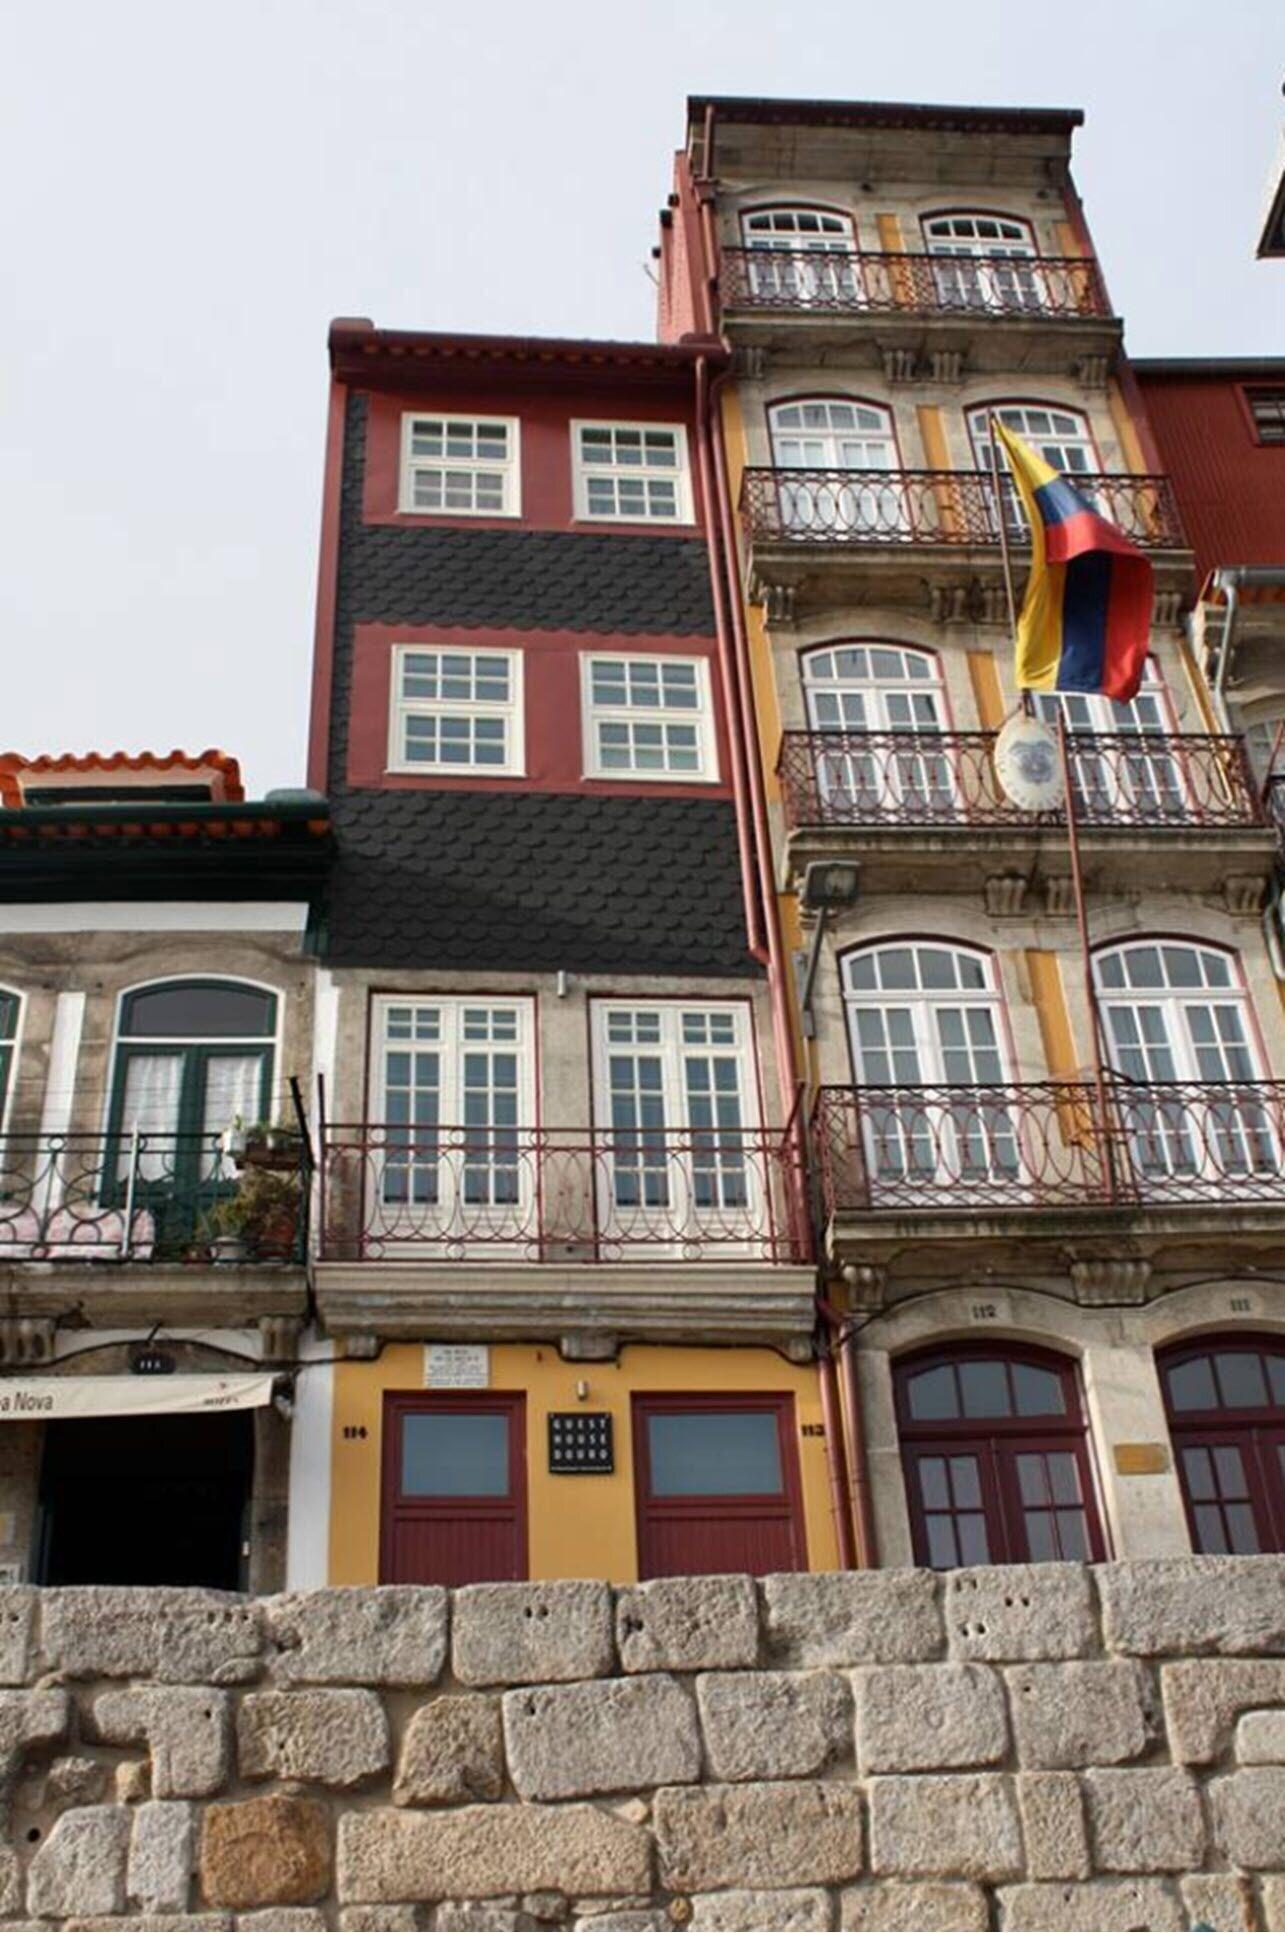 Guest House Douro, Porto